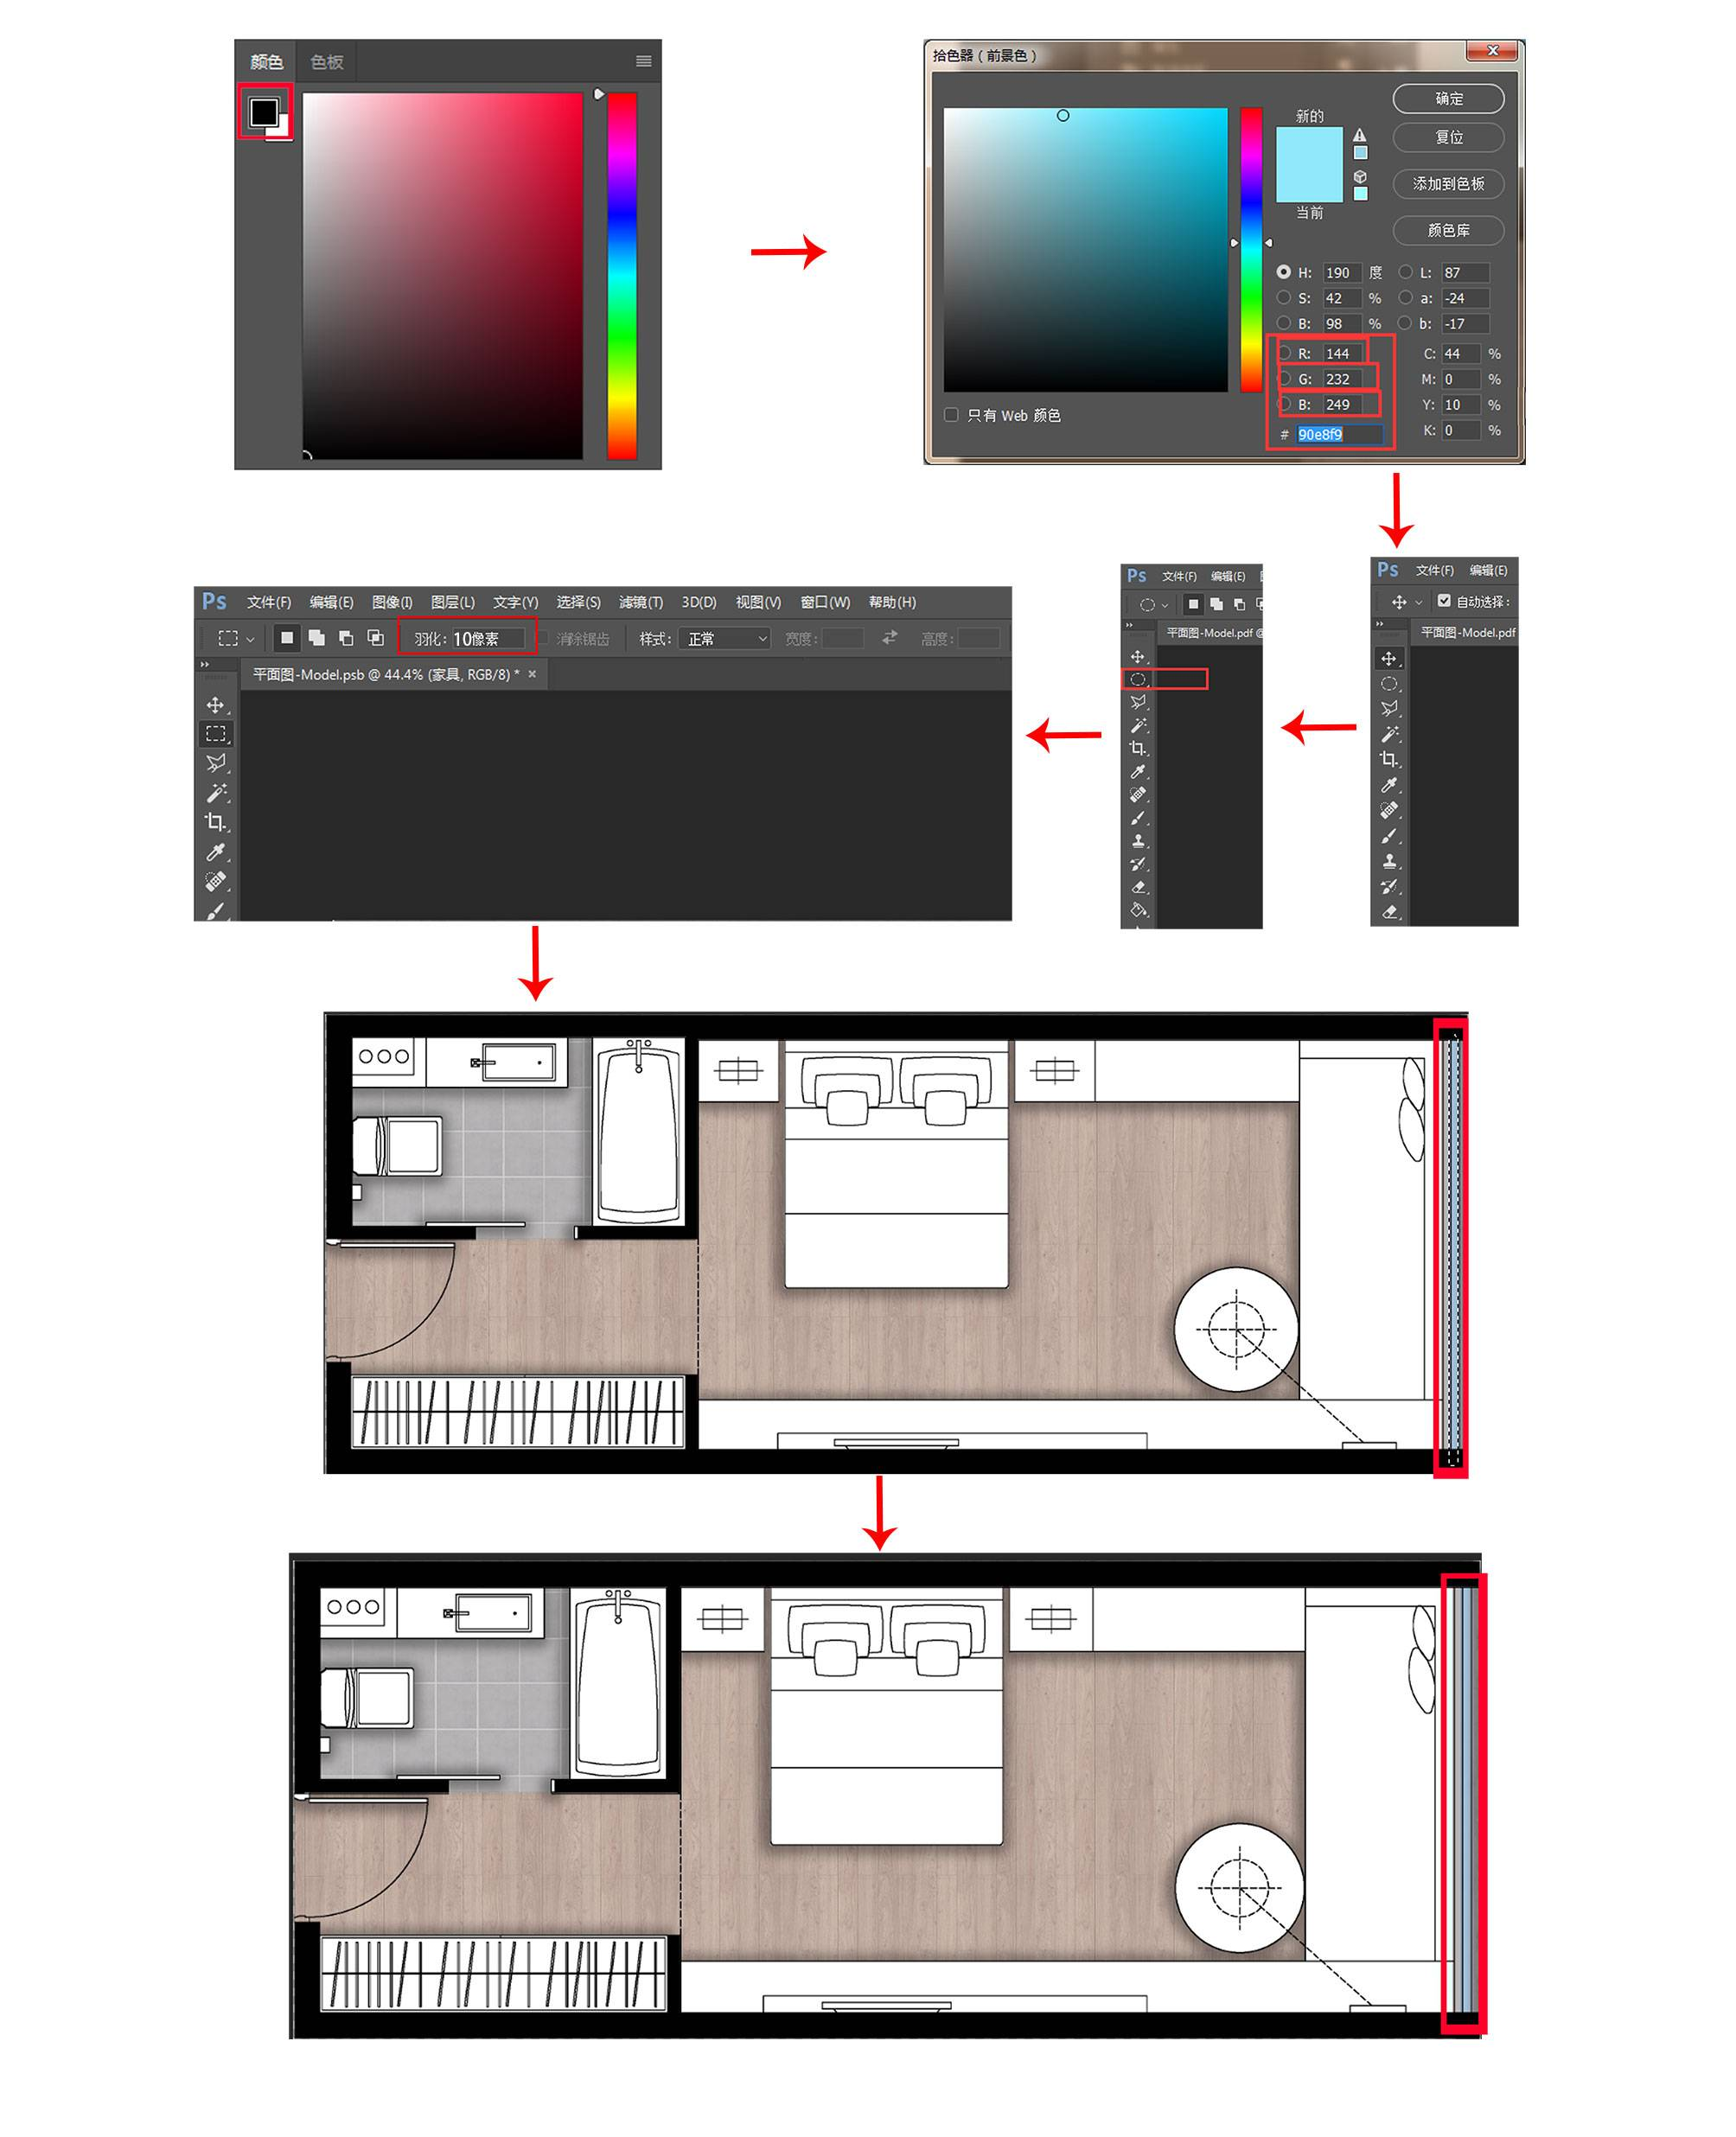 【室内彩色】PS教程平面图教程铅球滑步教学视频图片